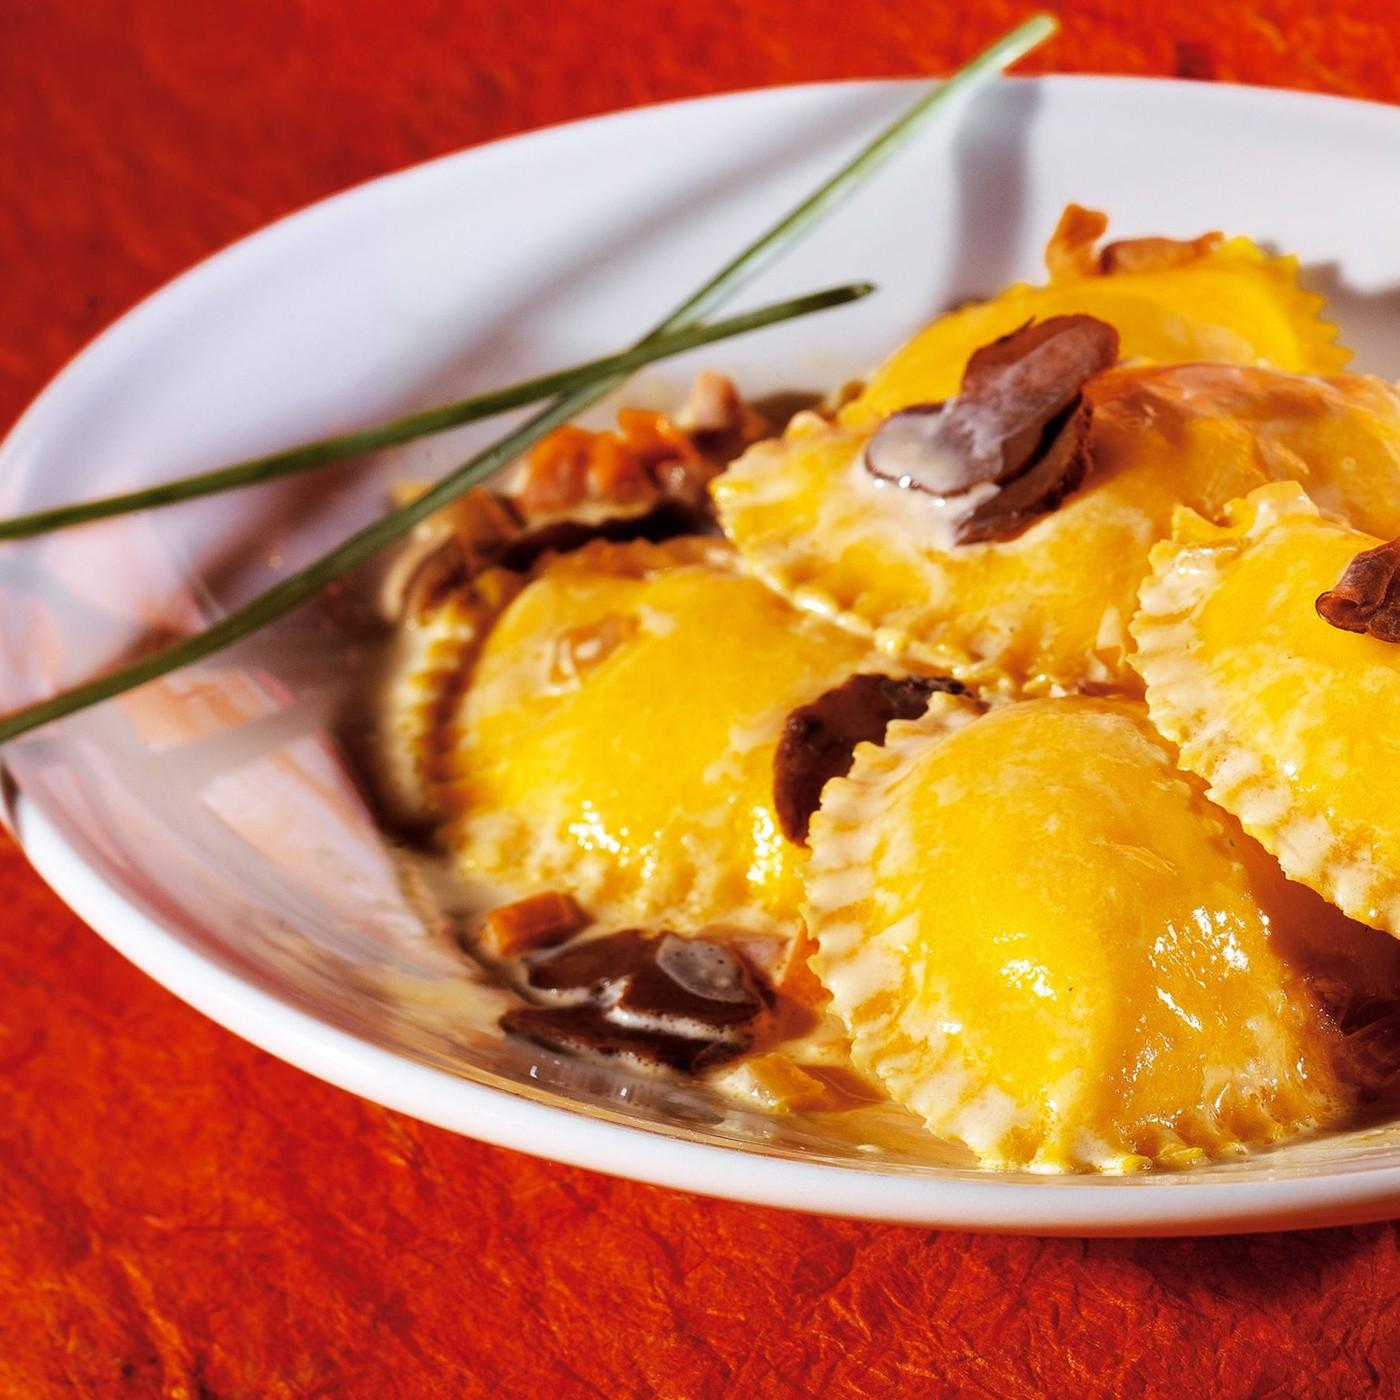 """receta de Raviolotti con queso """"di fossa di sogliano dop""""."""